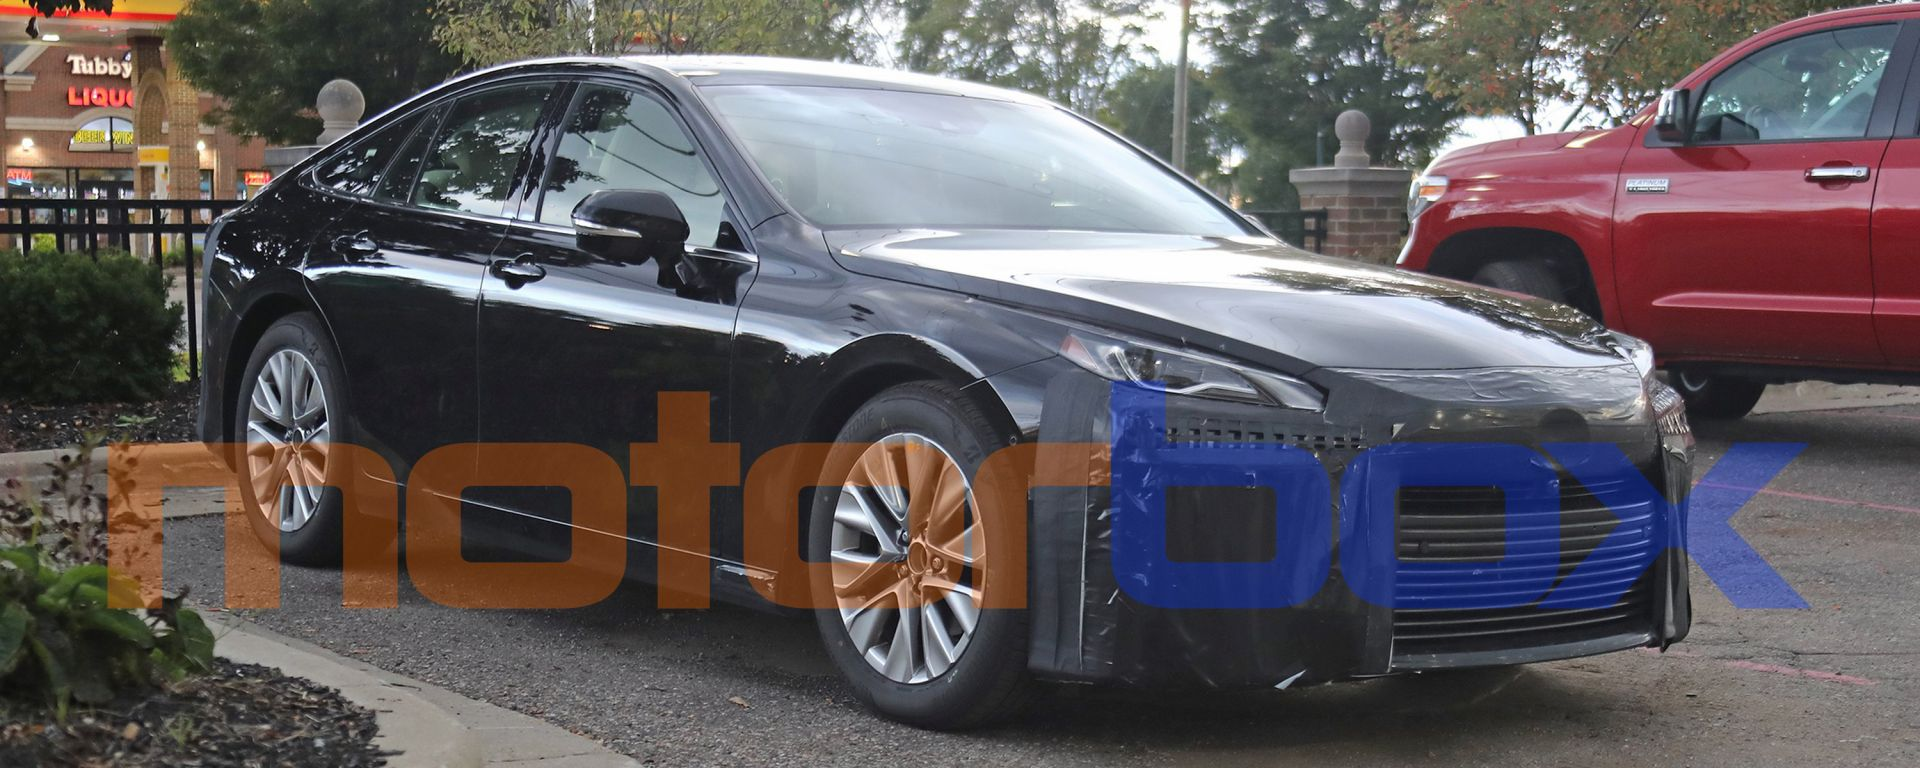 Toyota Mirai 2021: visuale di 3/4 anteriore